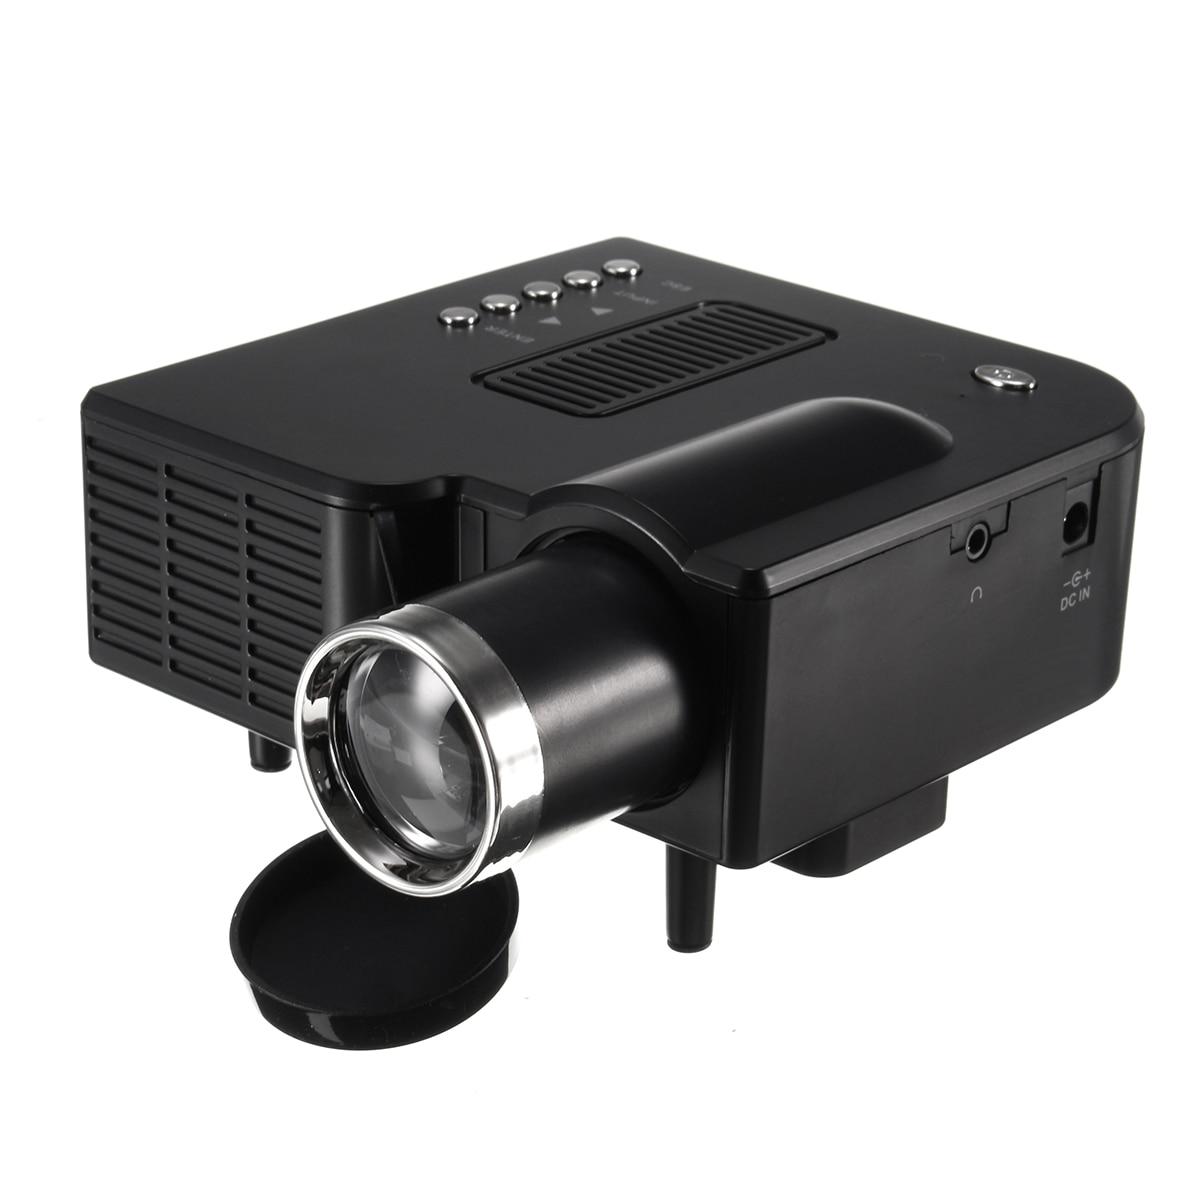 Vente chaude UNIC UC28 + projecteur à LED portable cinéma théâtre USB/SD/AV entrée Mini projecteur de divertissement noir/blanc US/AU